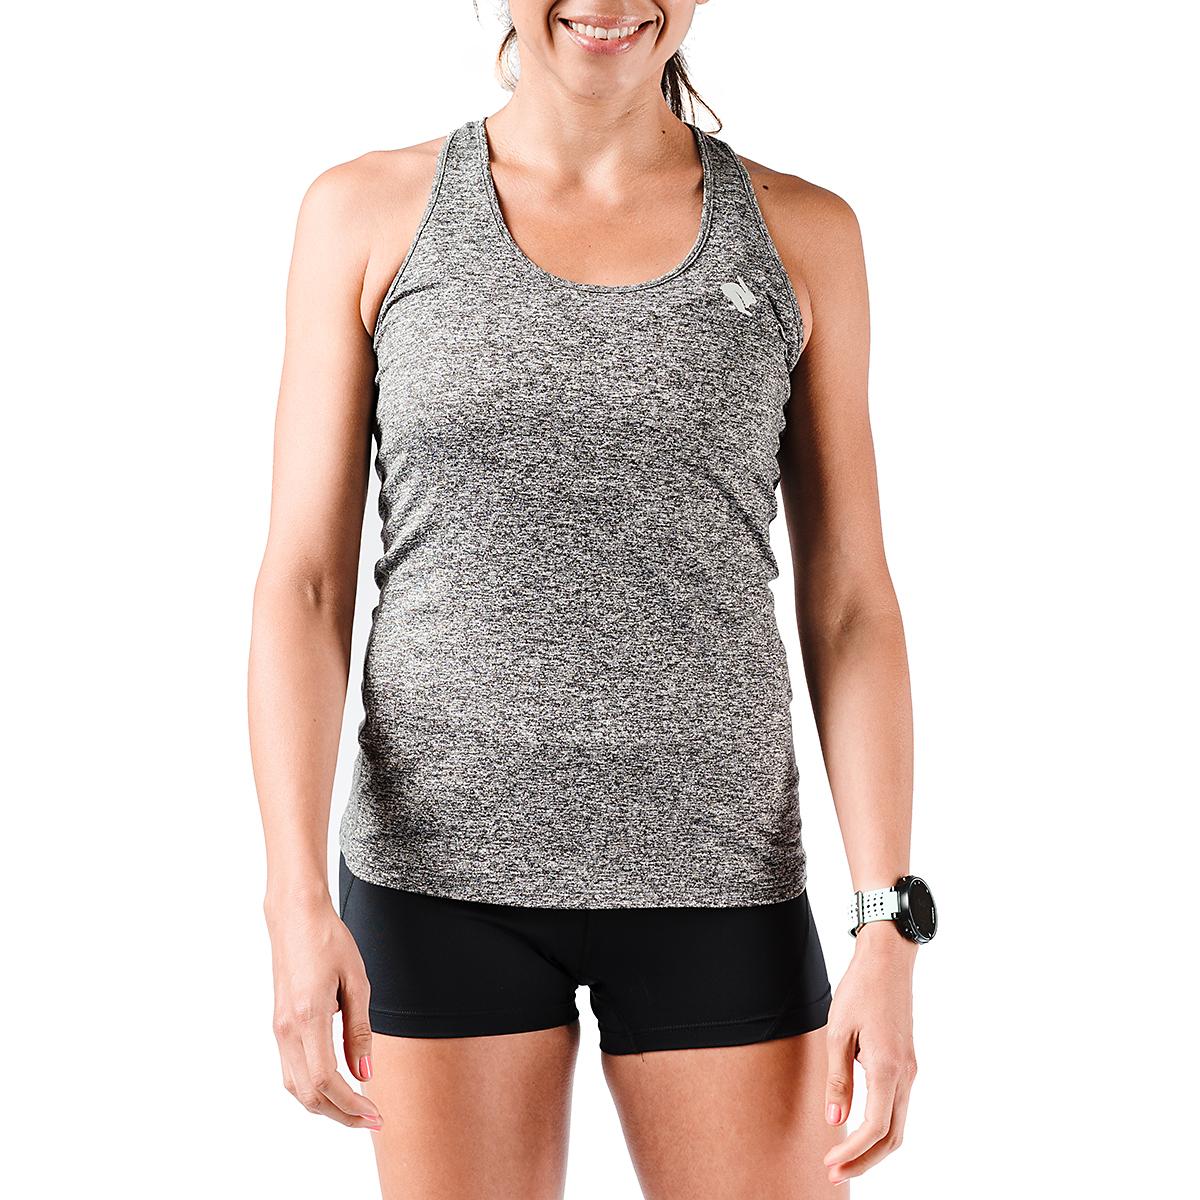 Women's Rabbit Ez Tank  - Color: Charcoal - Size: XS, Charcoal, large, image 1